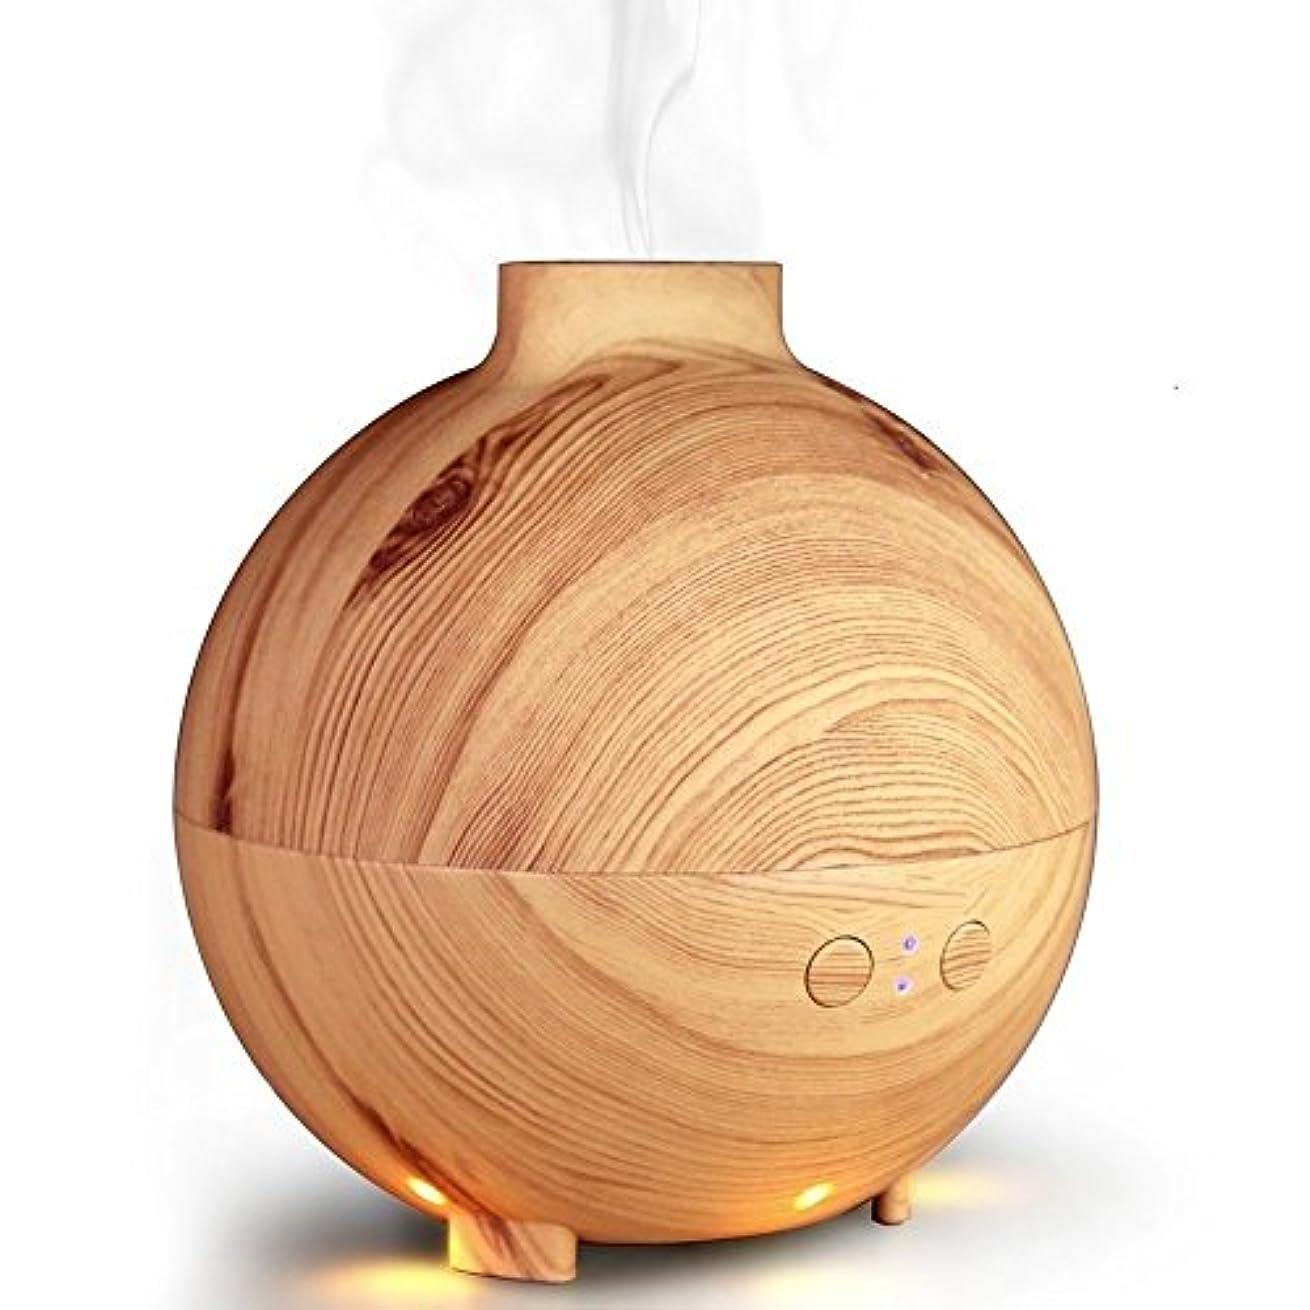 アルコーブ実験的暴徒アロマエッセンシャルオイルディフューザー、アロマテラピー加湿器空気清浄機クールミストの香りクールミスト加湿器用家庭、ヨガ、オフィス、スパ,lightwood